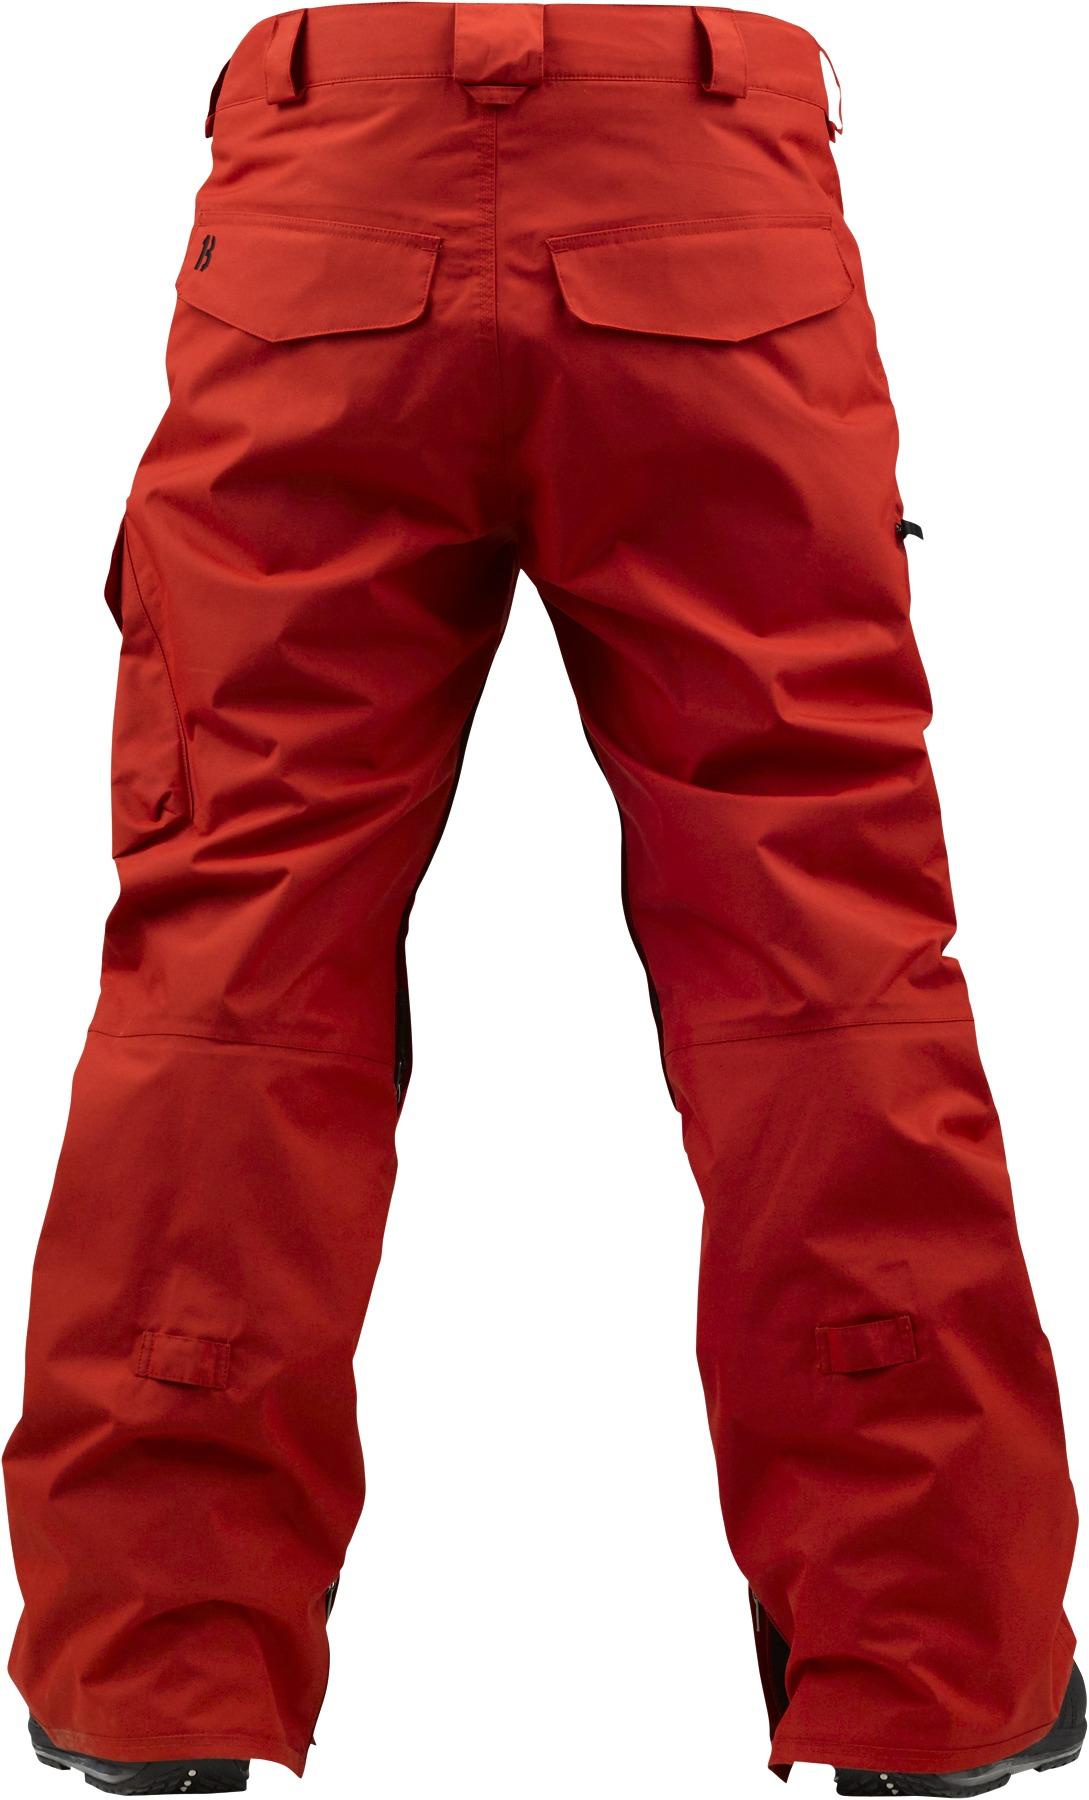 Spodnie Snowboardowe Burton Poacher (Marauder)